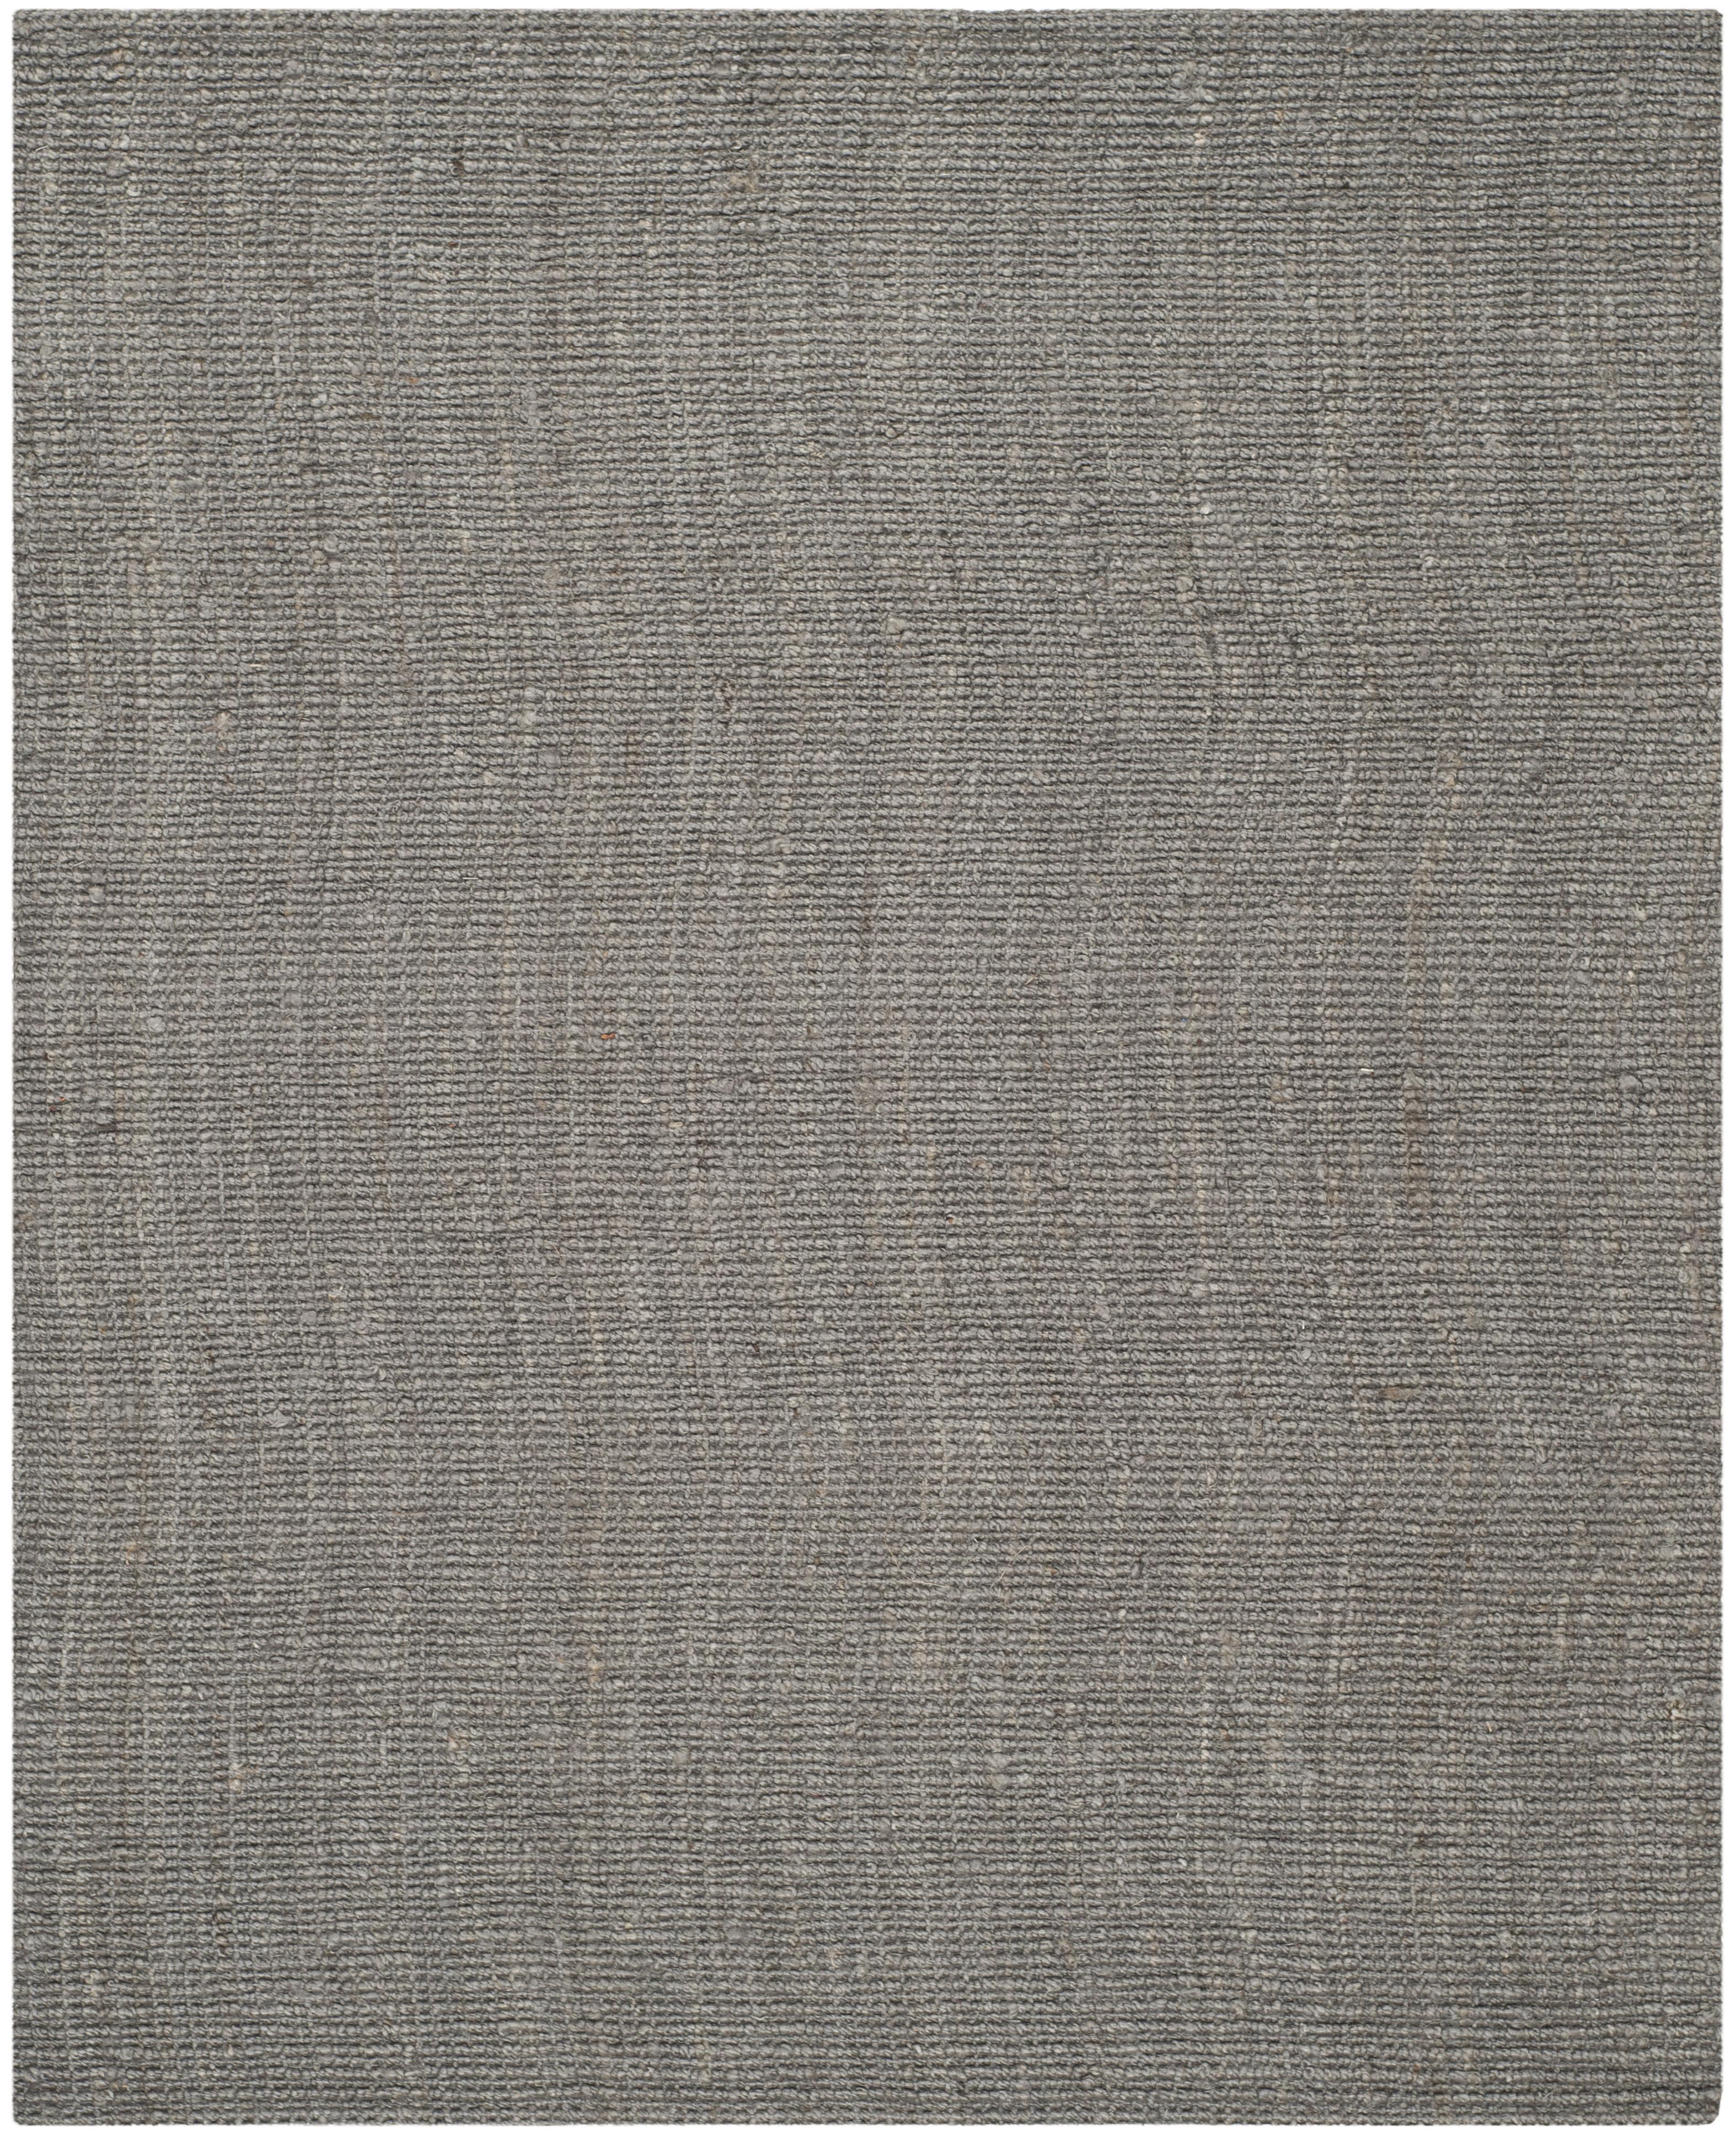 Danford 447 8' X 10' Gray Jute Rug